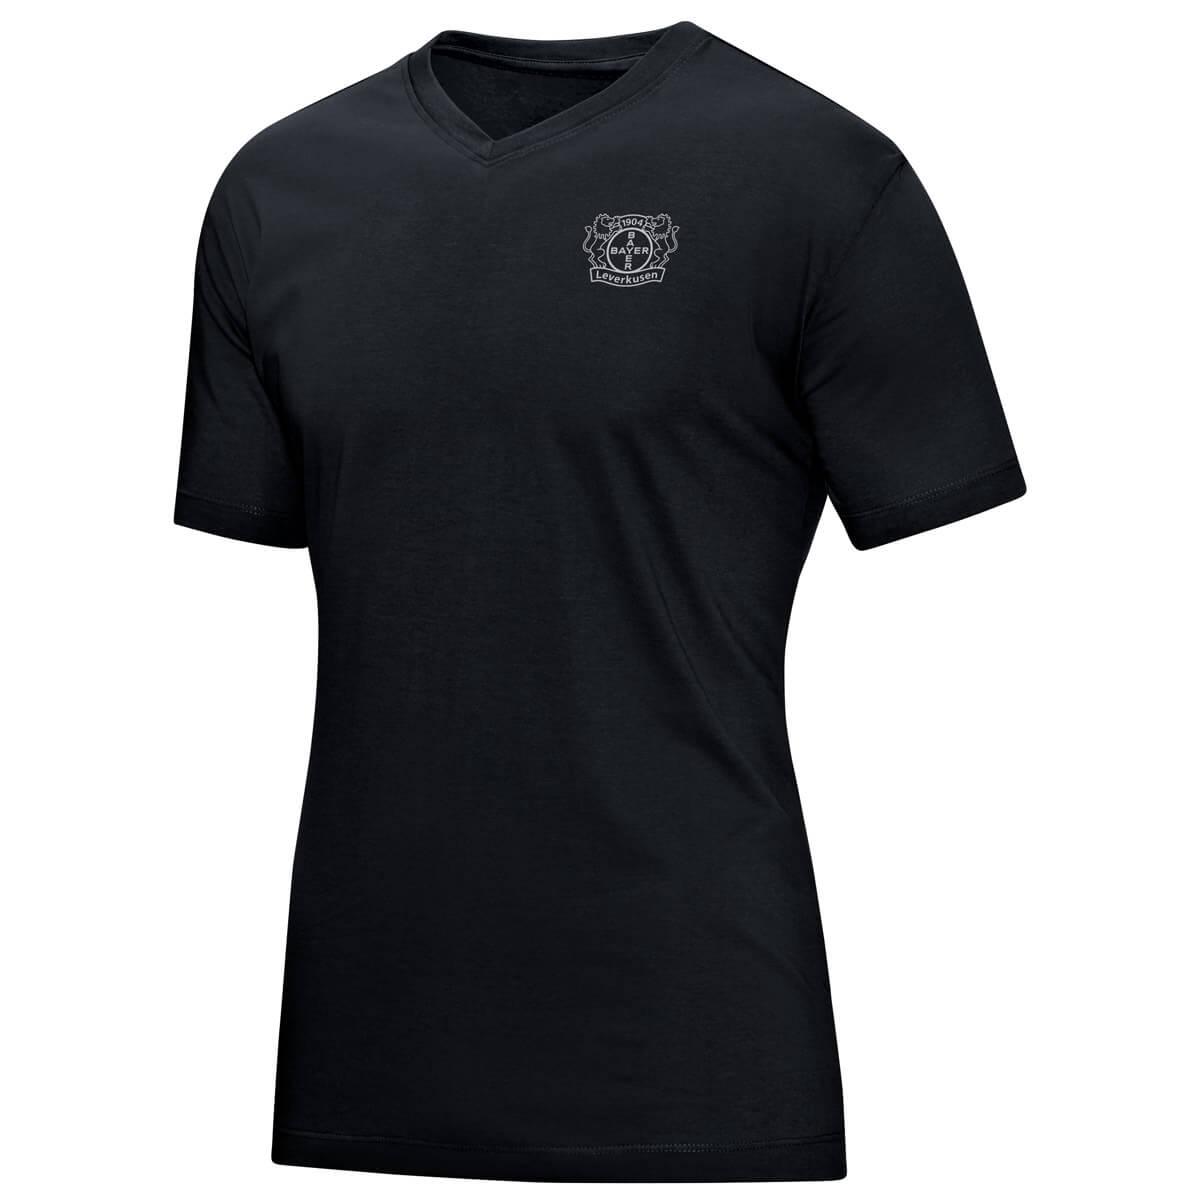 Bayer 04 Leverkusen T-Shirt Premium - Frauen | Jako BA6104